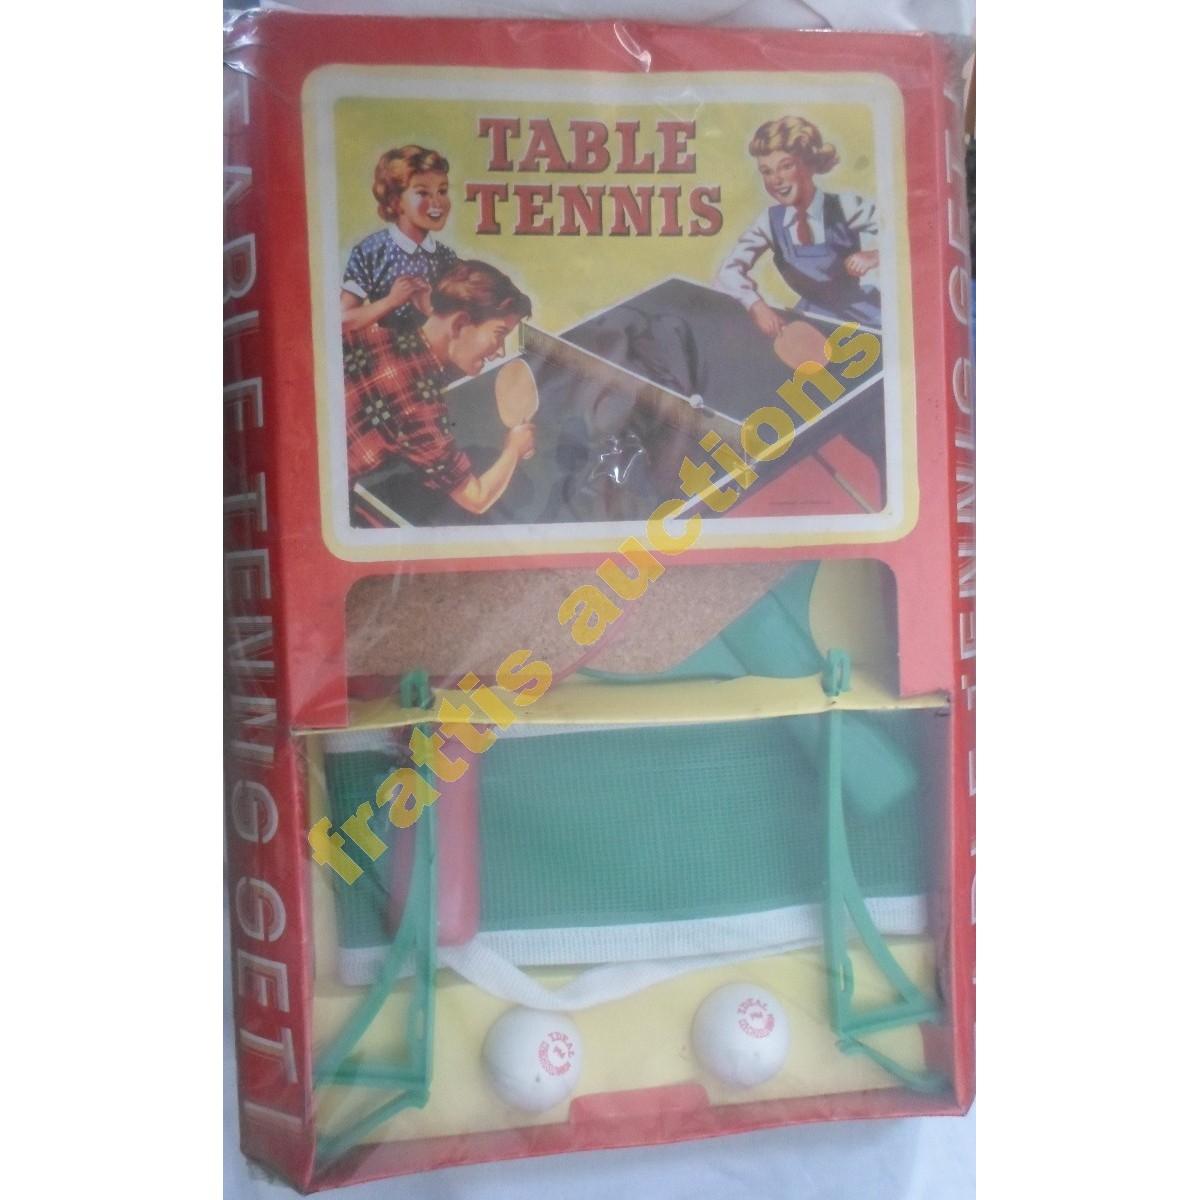 Vintage Table Tennis Set 1 σφραγισμένο